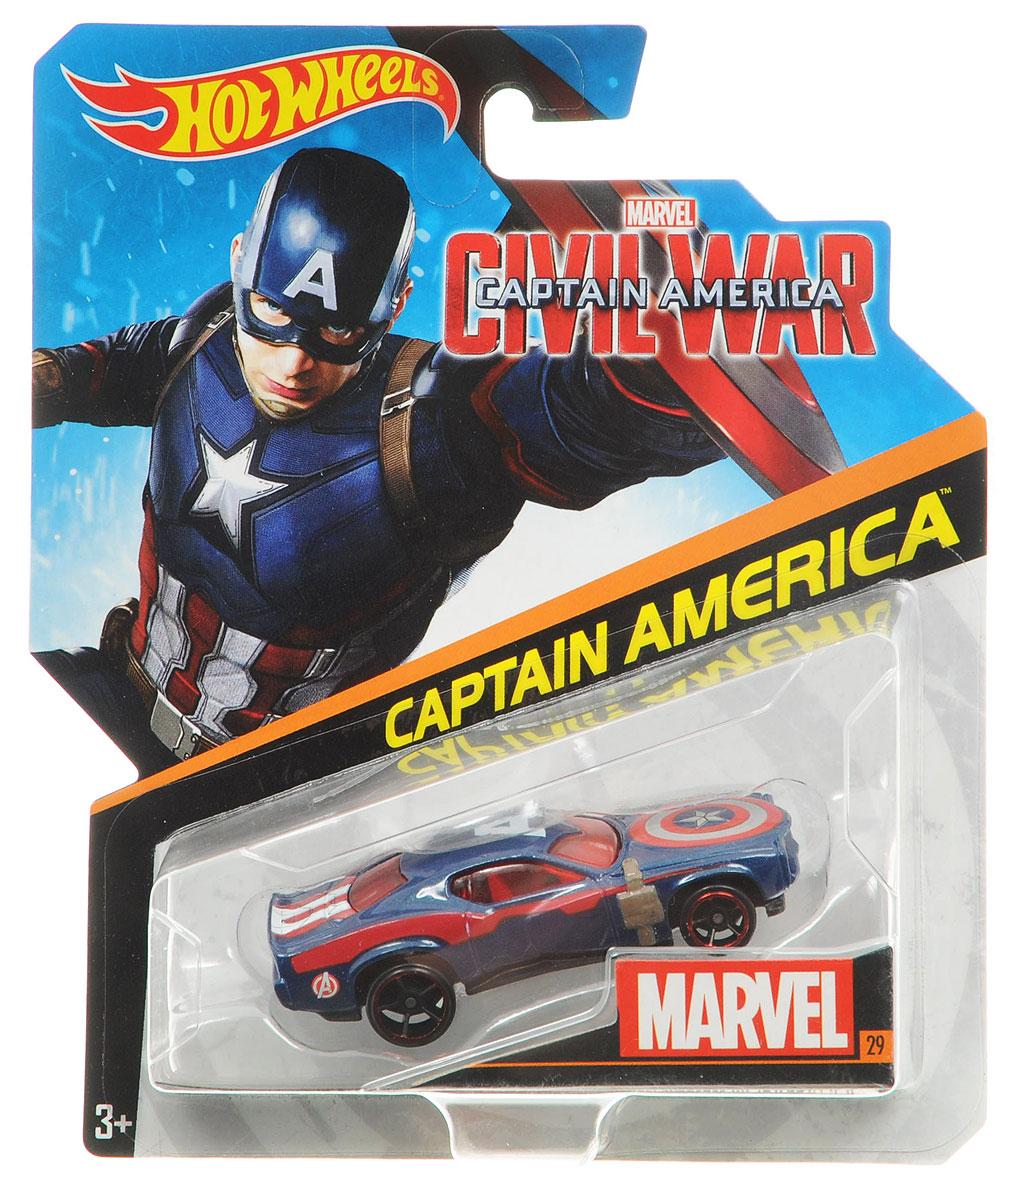 Hot Wheels Avengers Машинка Captain AmericaBDM71_DJJ57Машинка Hot Wheels Captain America непременно приведет в восторг вашего малыша. Игрушка изготовлена из высококачественного пластика с элементами металла в стиле одного из персонажей комиксов Marvel - капитана Америки. Колесики машинки вращаются. Ваш ребенок будет часами играть с этой машинкой, придумывая различные истории. Порадуйте его таким замечательным подарком.